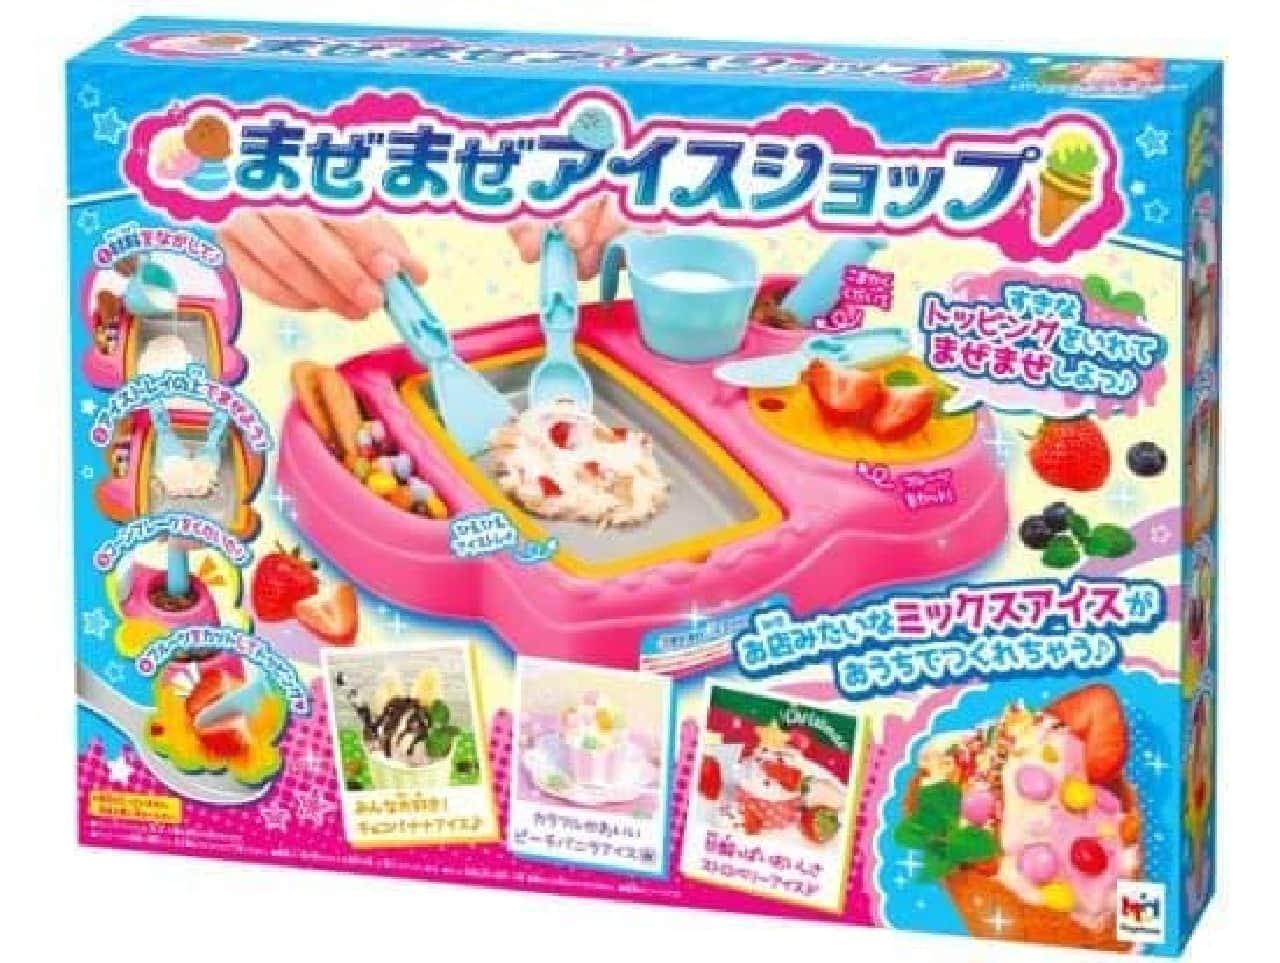 「まぜまぜアイスショップ」は、アイストレイに食材を入れて混ぜ合わせとオリジナルアイスが作れる玩具